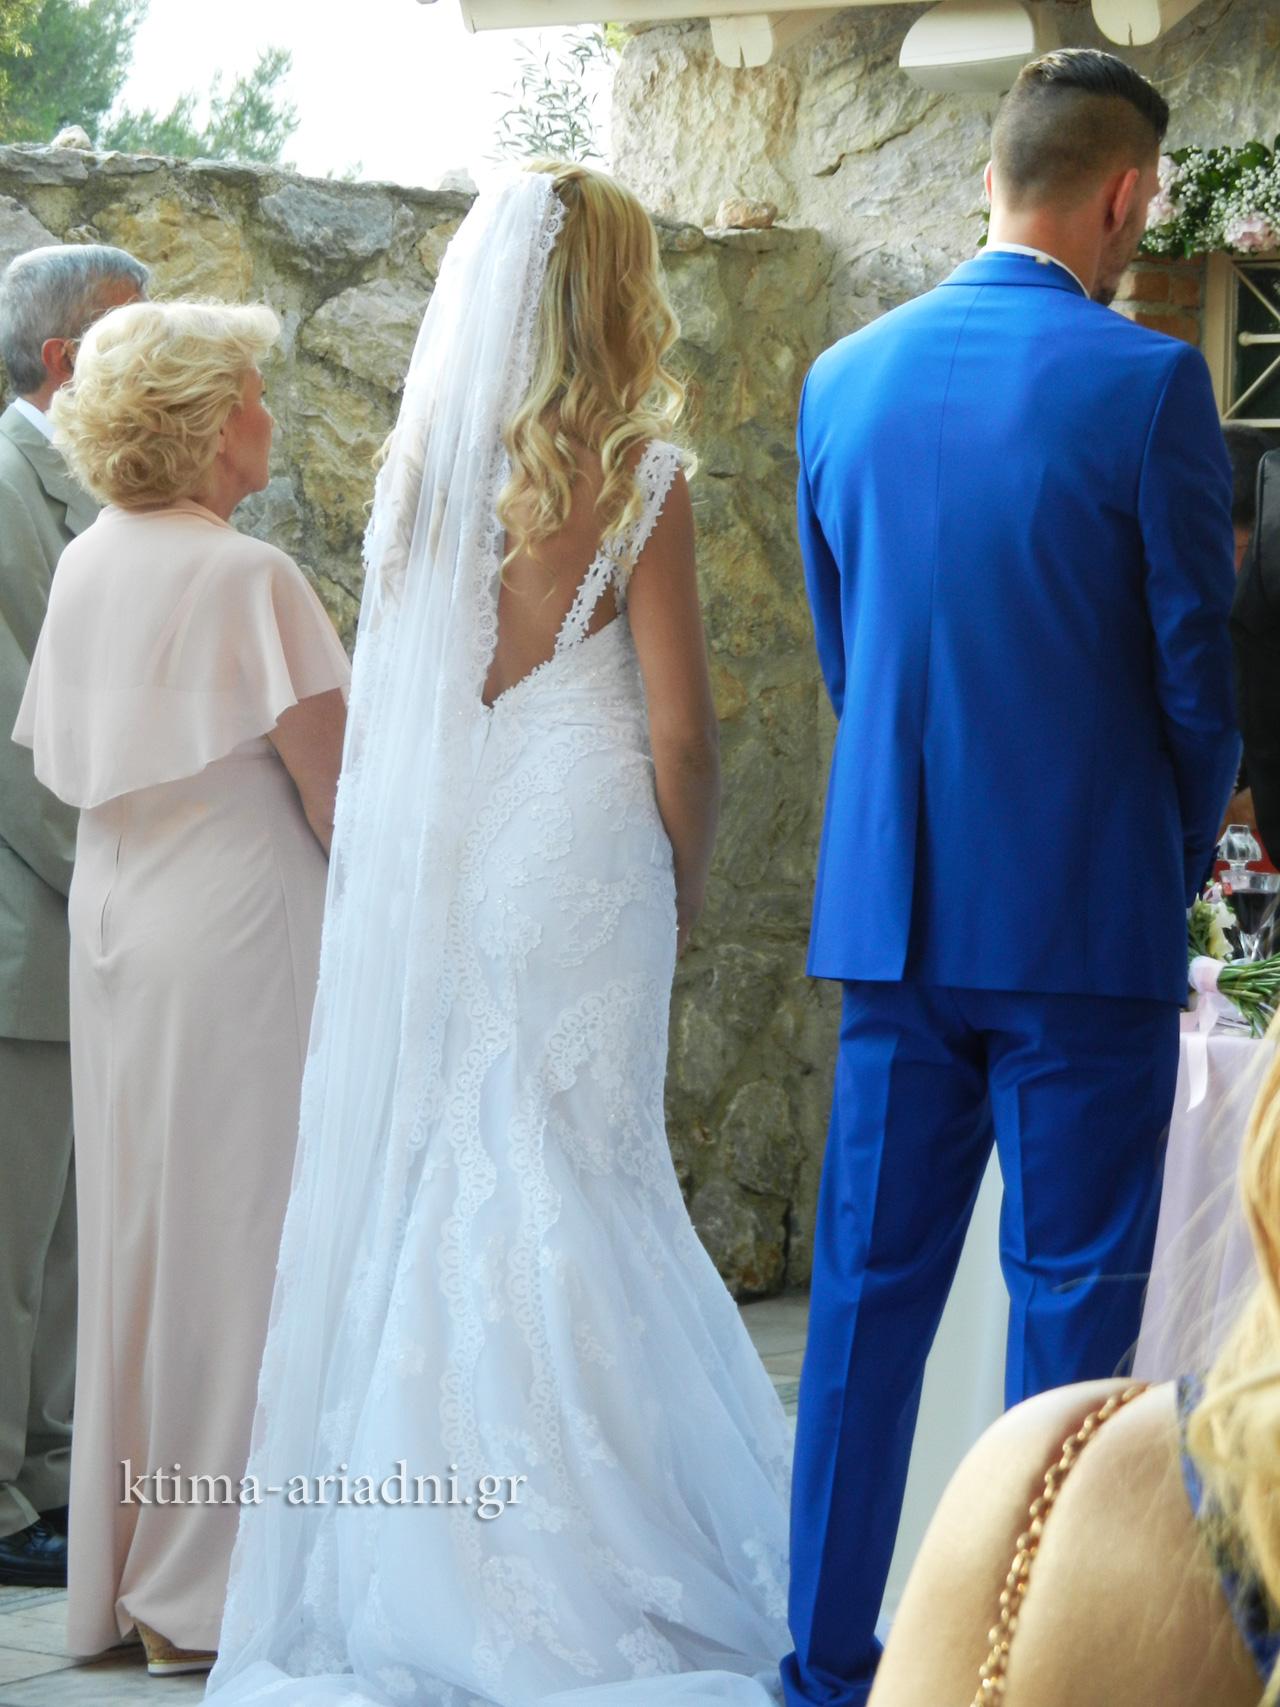 Τρίτη… μέρα γάμου & βάπτισης στο εκκλησάκι του Αγ.Γεωργίου και δεξίωσης στον χώρο Φαιστός